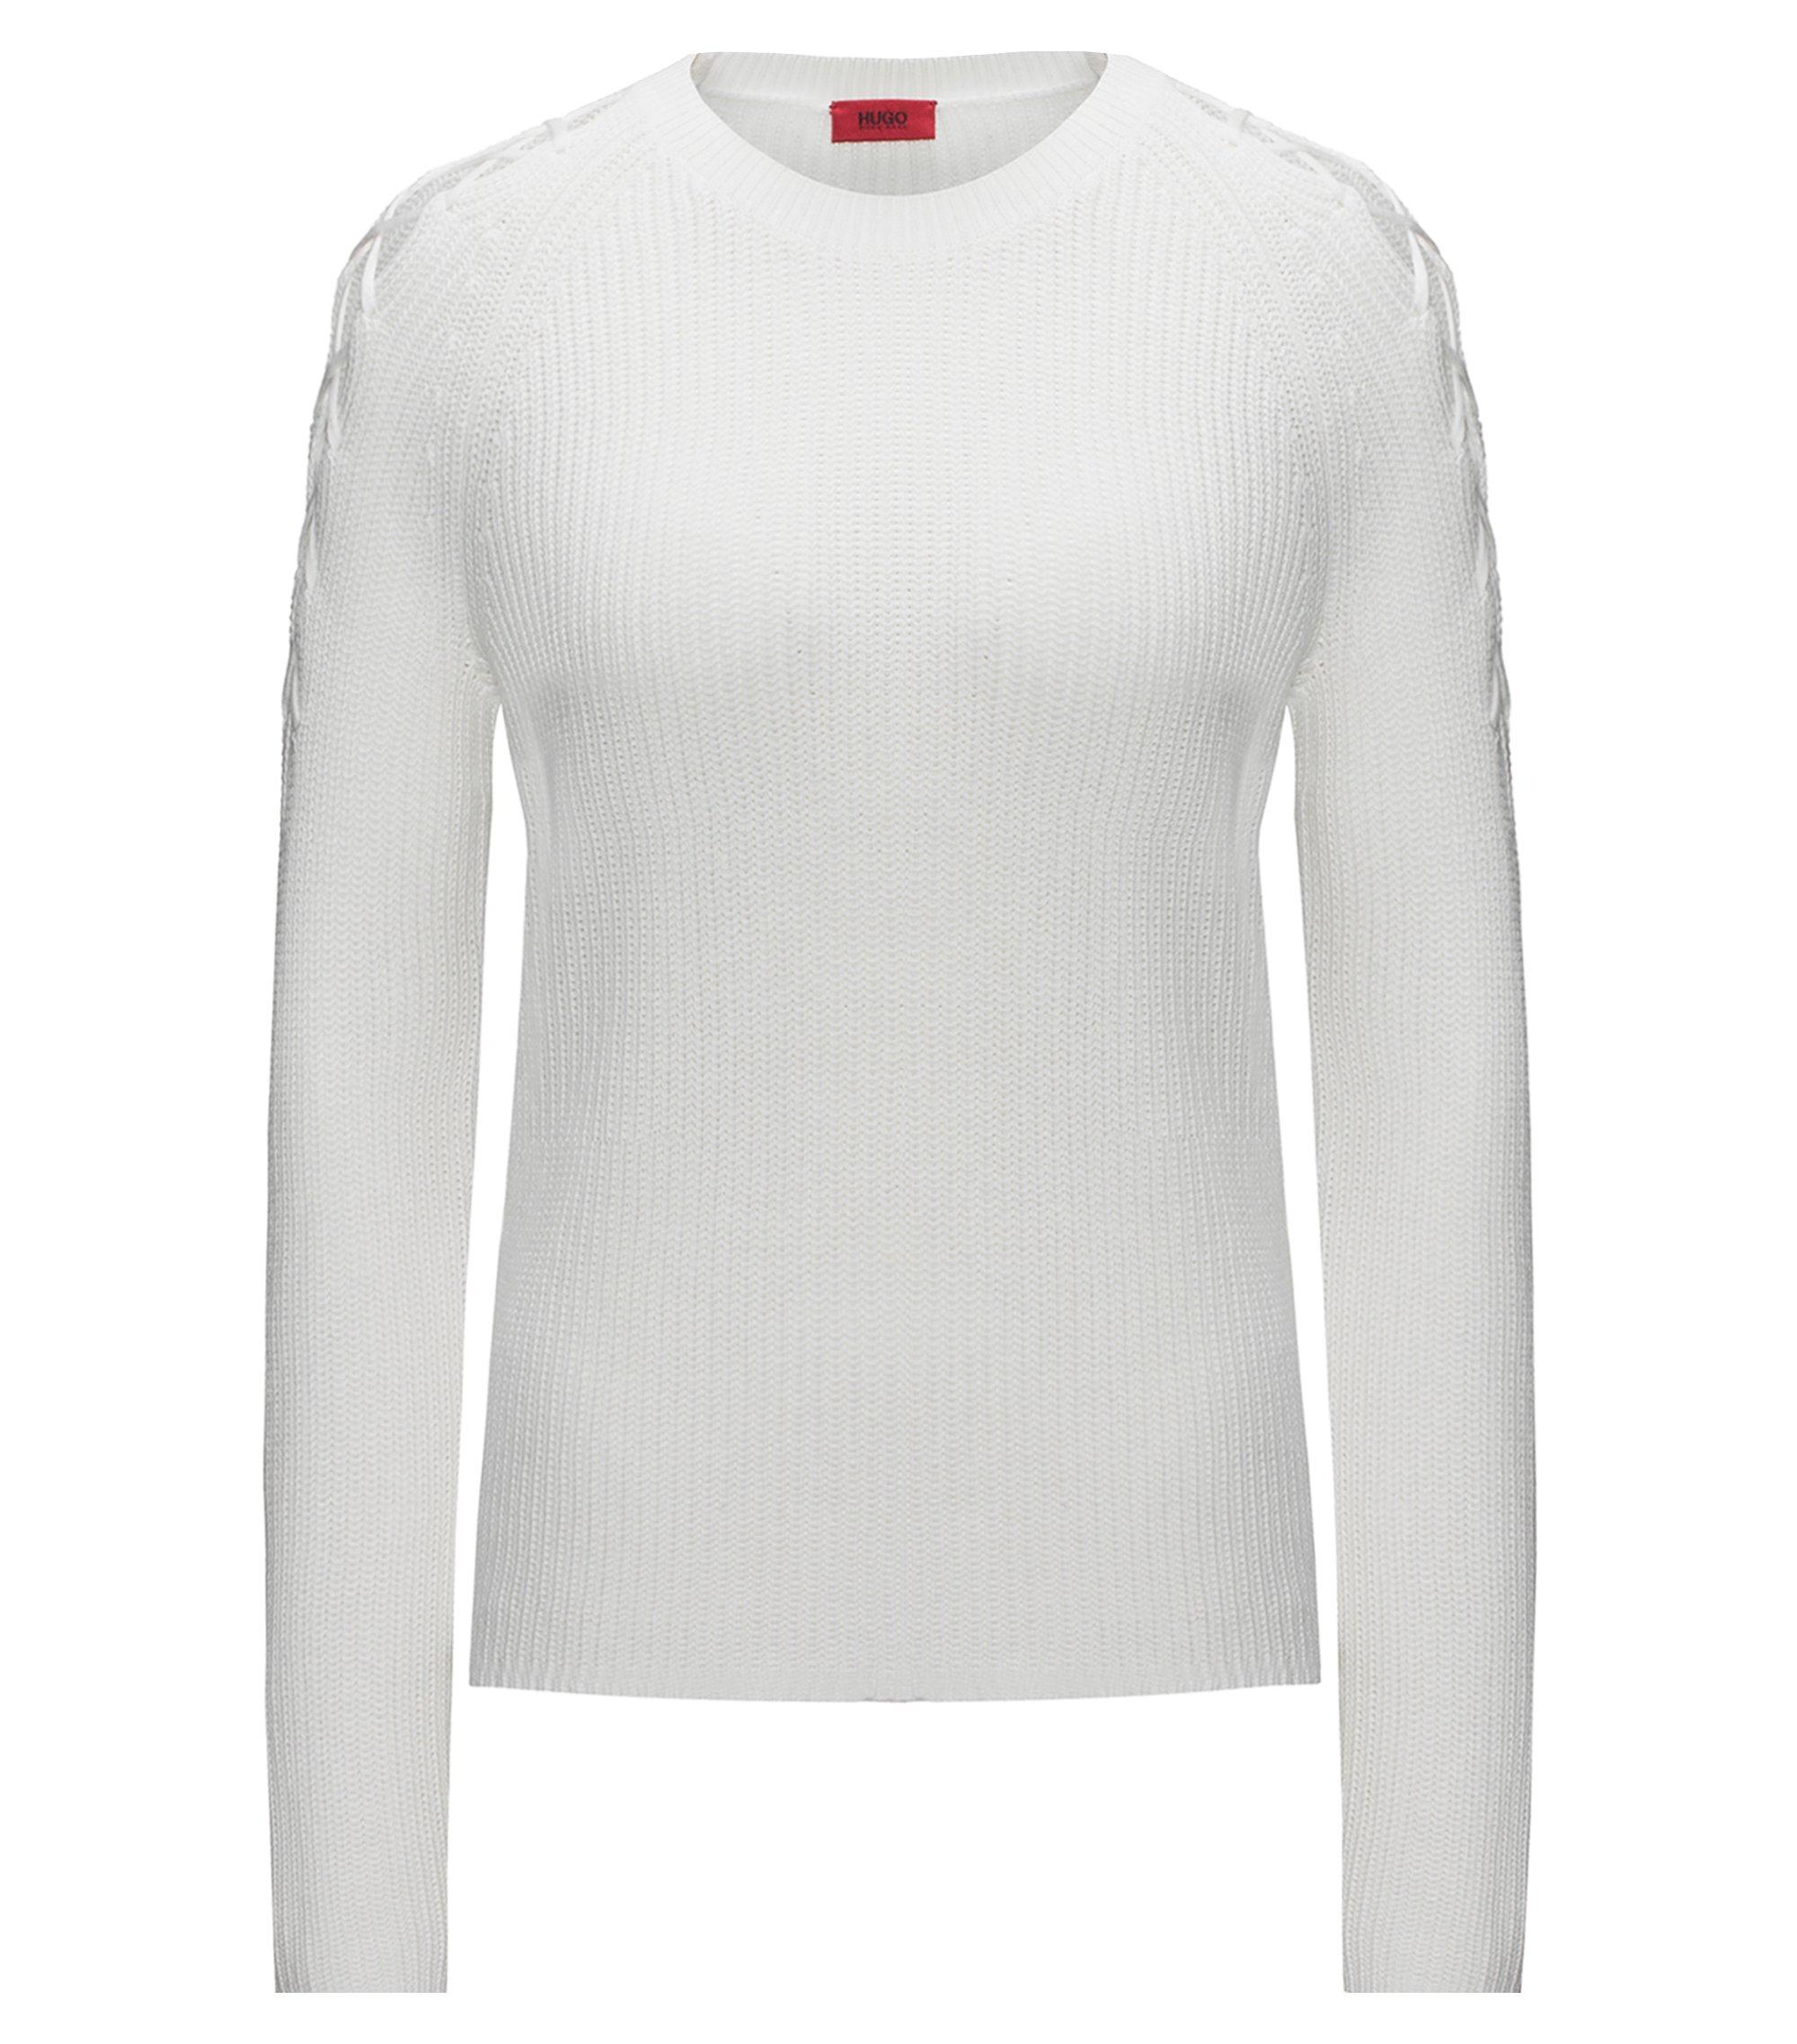 Maglione in misto cotone dotato di spalle con stringhe, Naturale